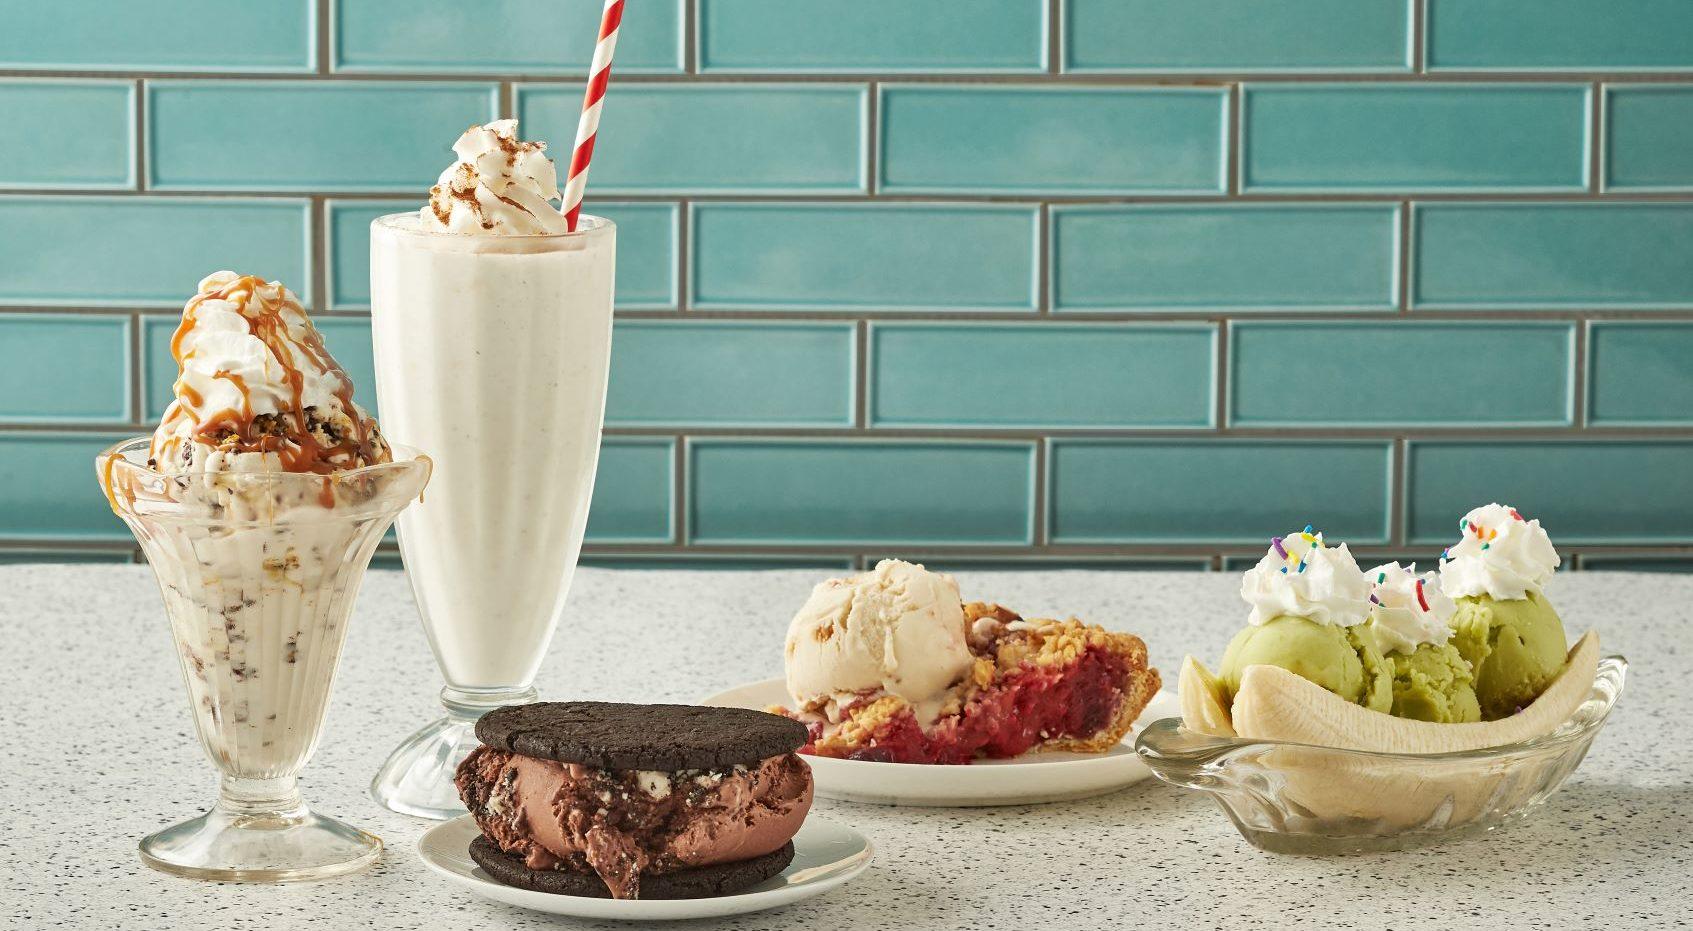 New 'Vegandulgent' Ice Cream Flavors from Salt & Straw | 425 Magazine